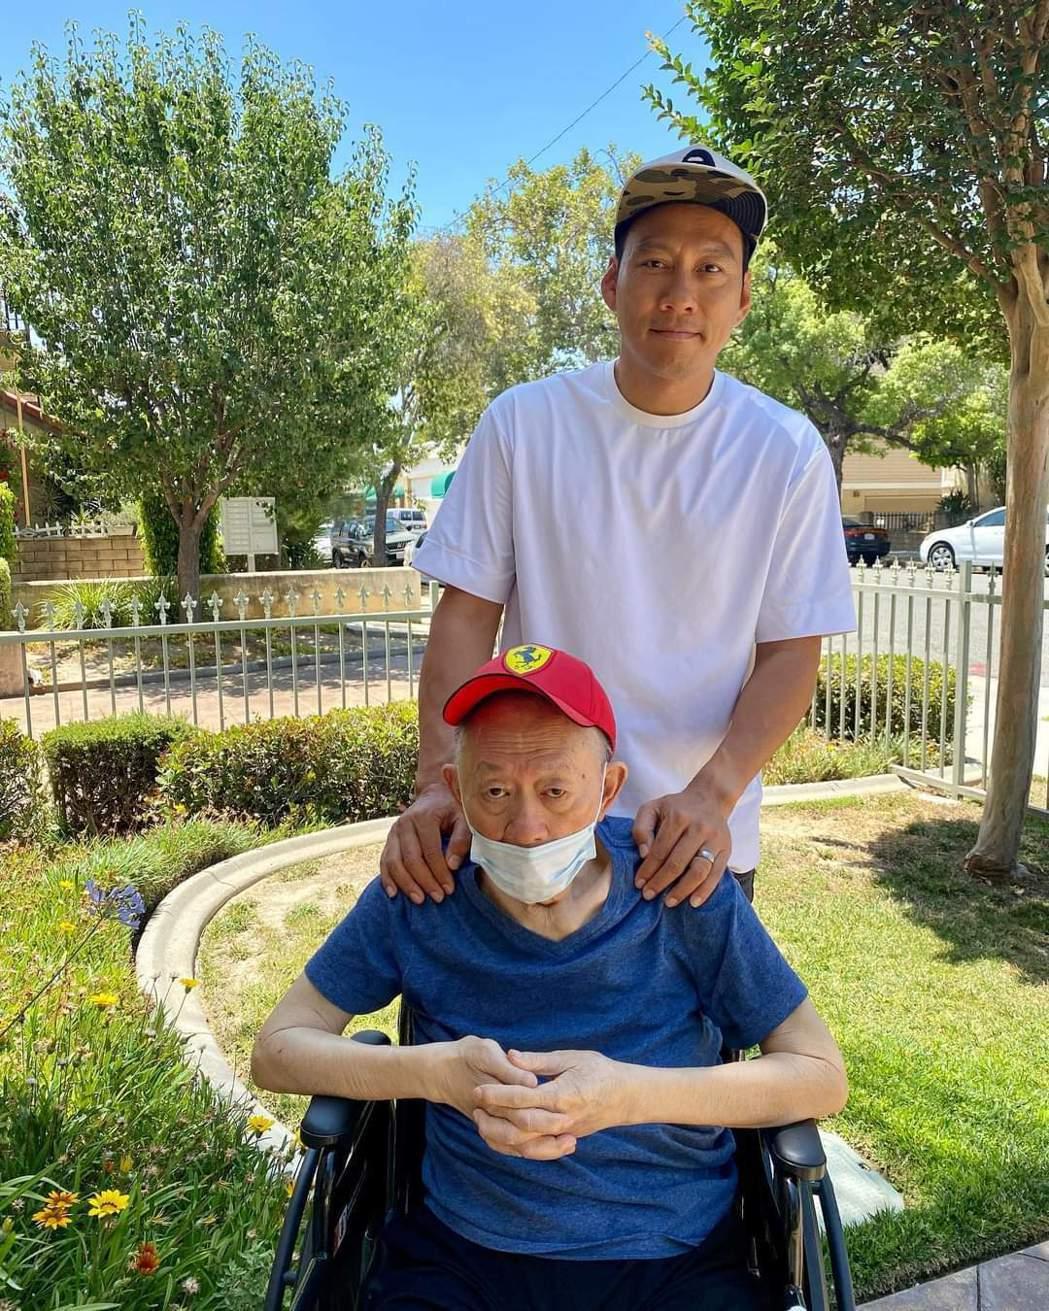 艾力克斯睽違18個月終於見到爸爸。圖/摘自臉書